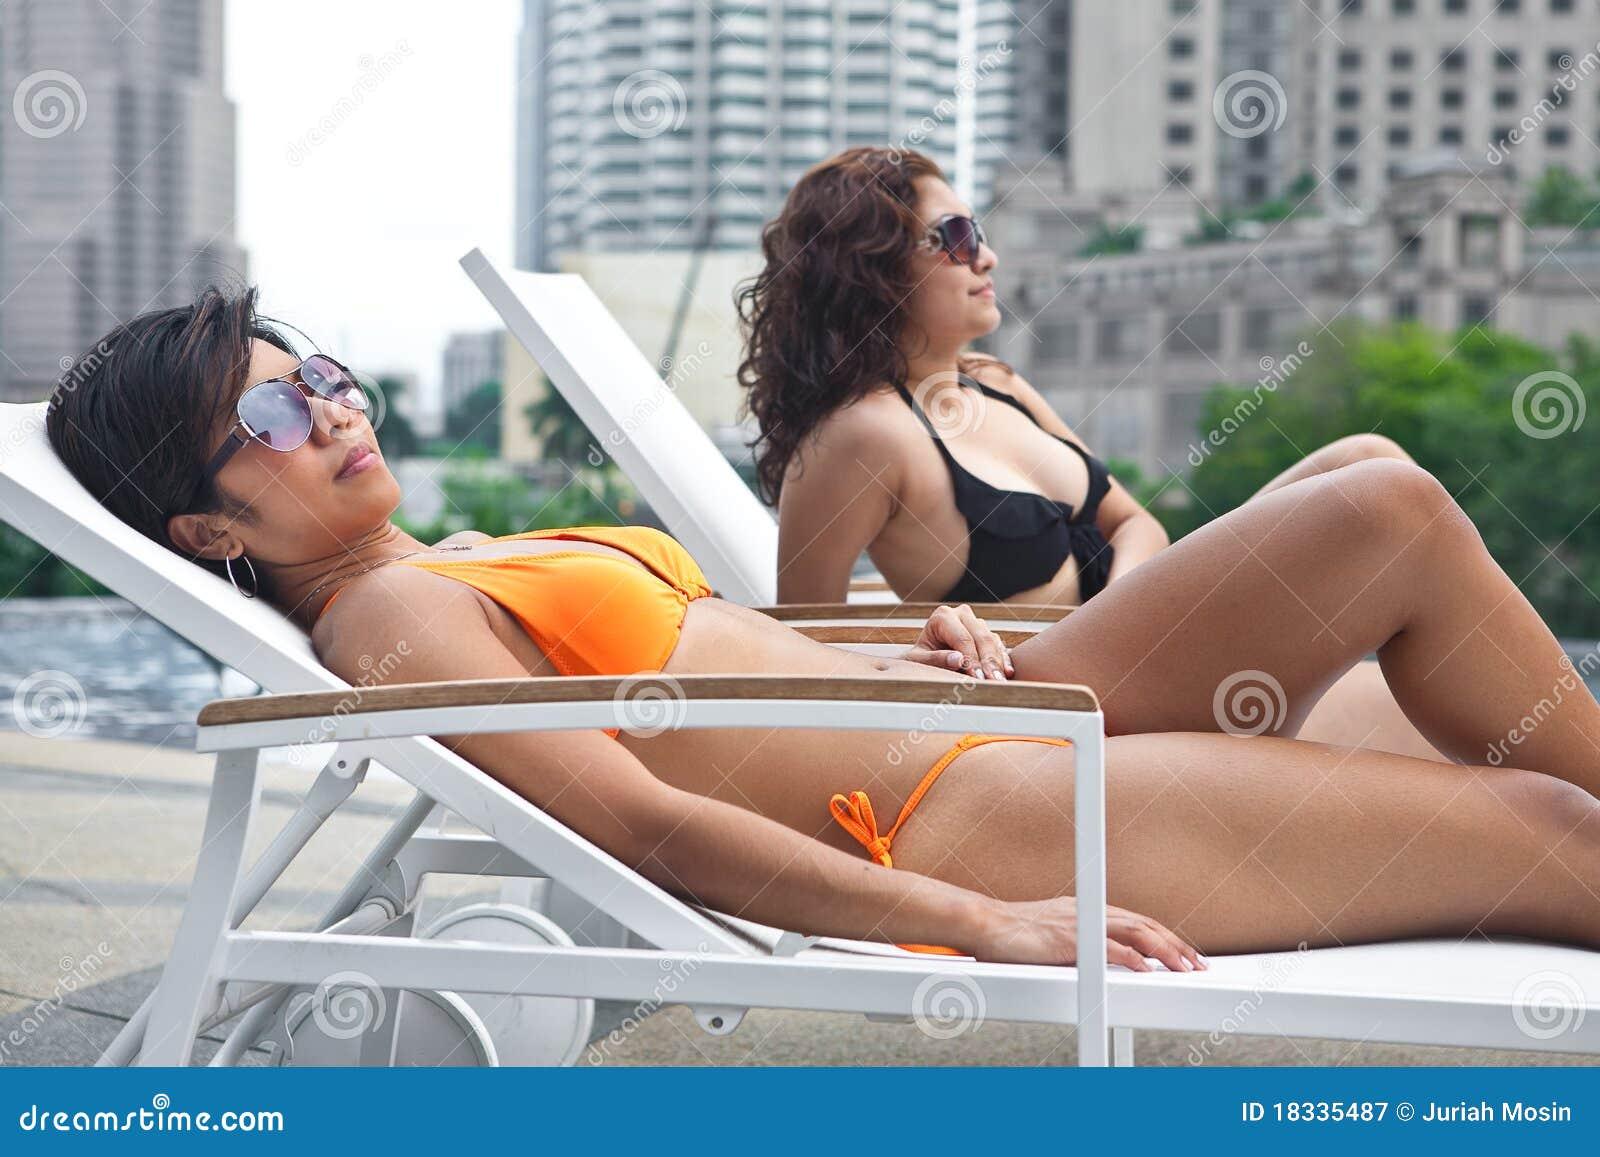 mooie vrouwen in bikini seksvideo gratis